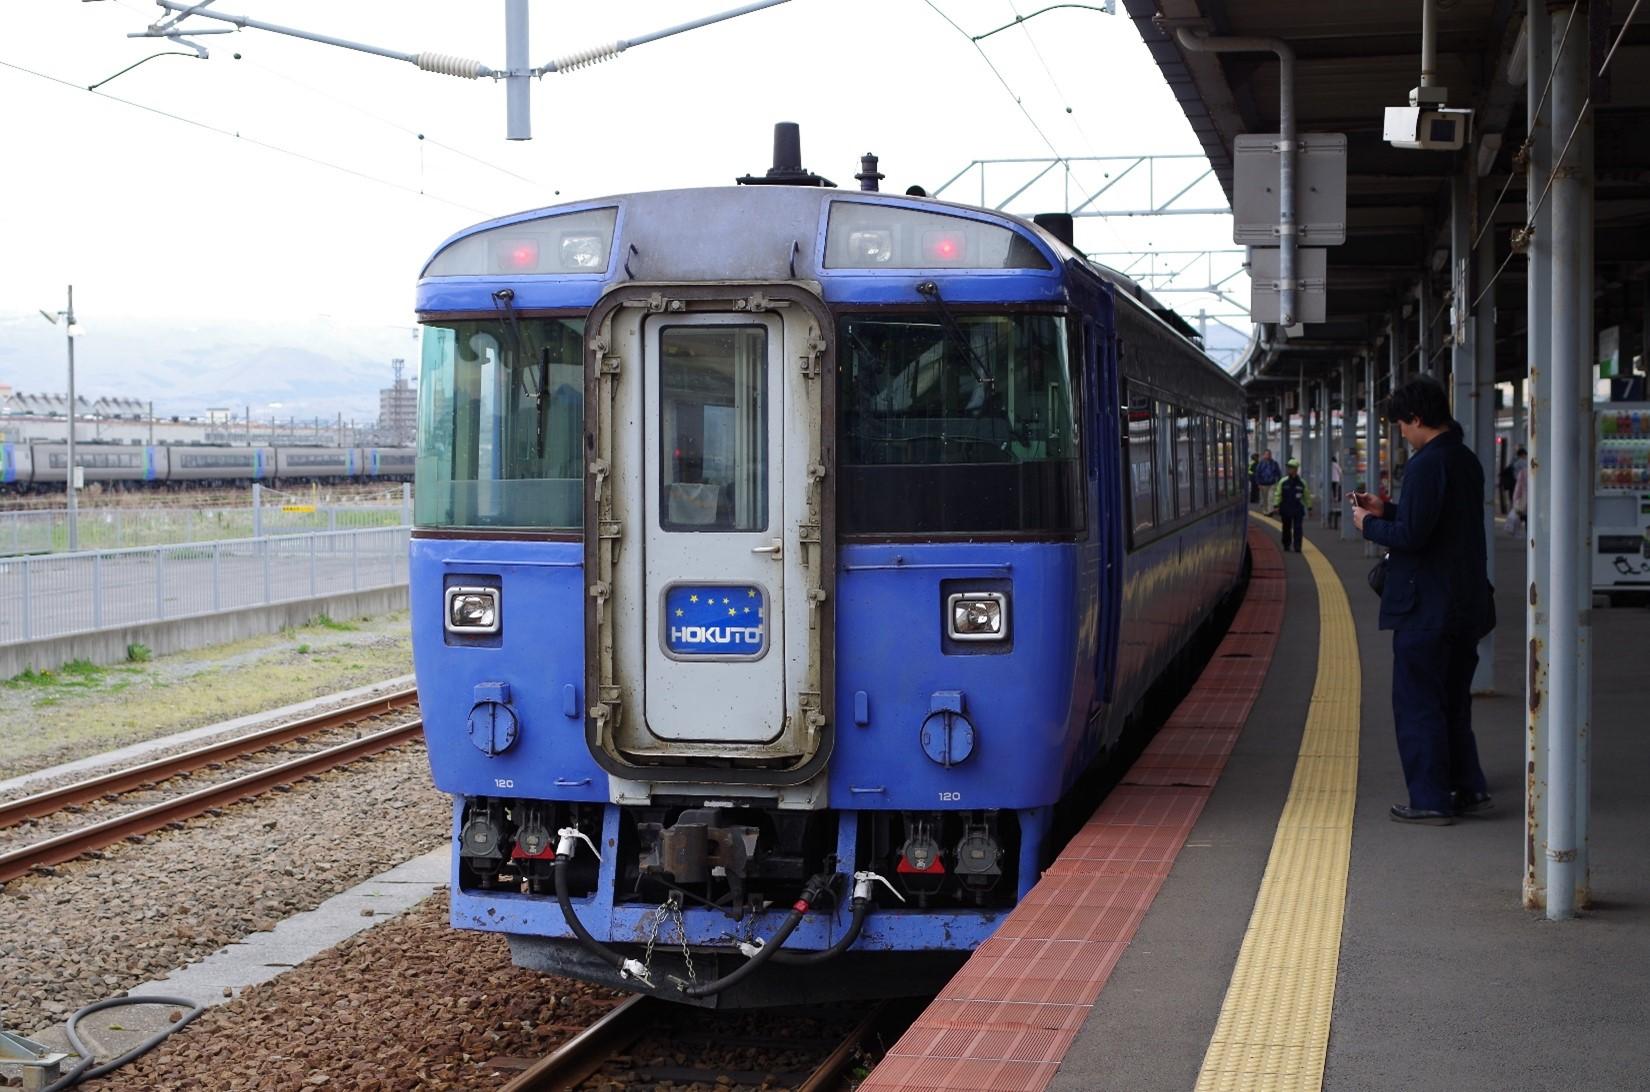 Gotoトラベルキャンペーン×JR割引で旅をもっと楽しくお得に!🚅